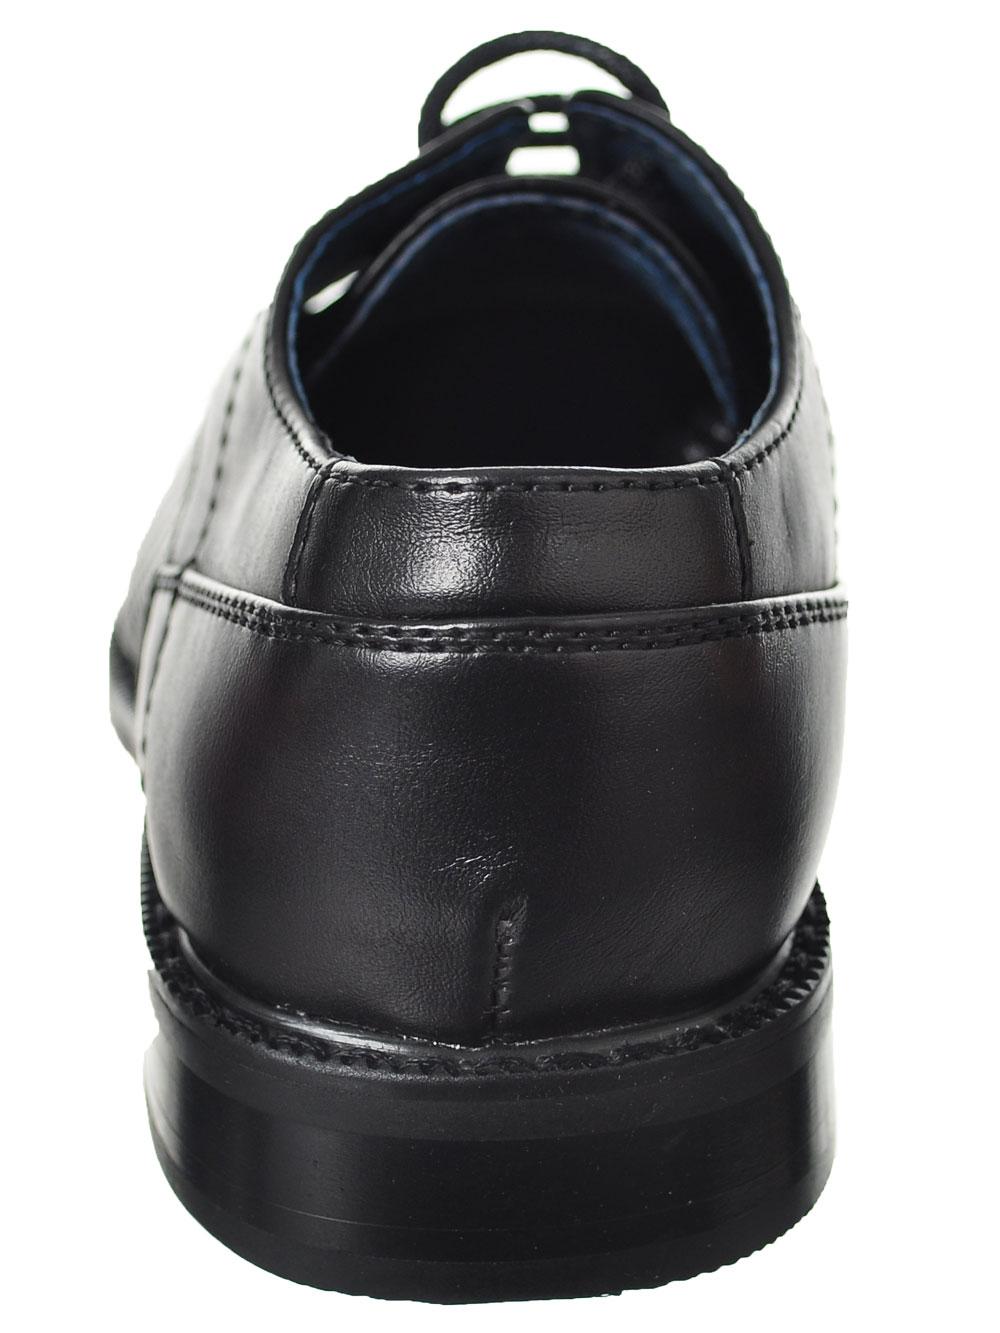 Sizes 5-8 Joseph Allen Boys/' Dress Shoes